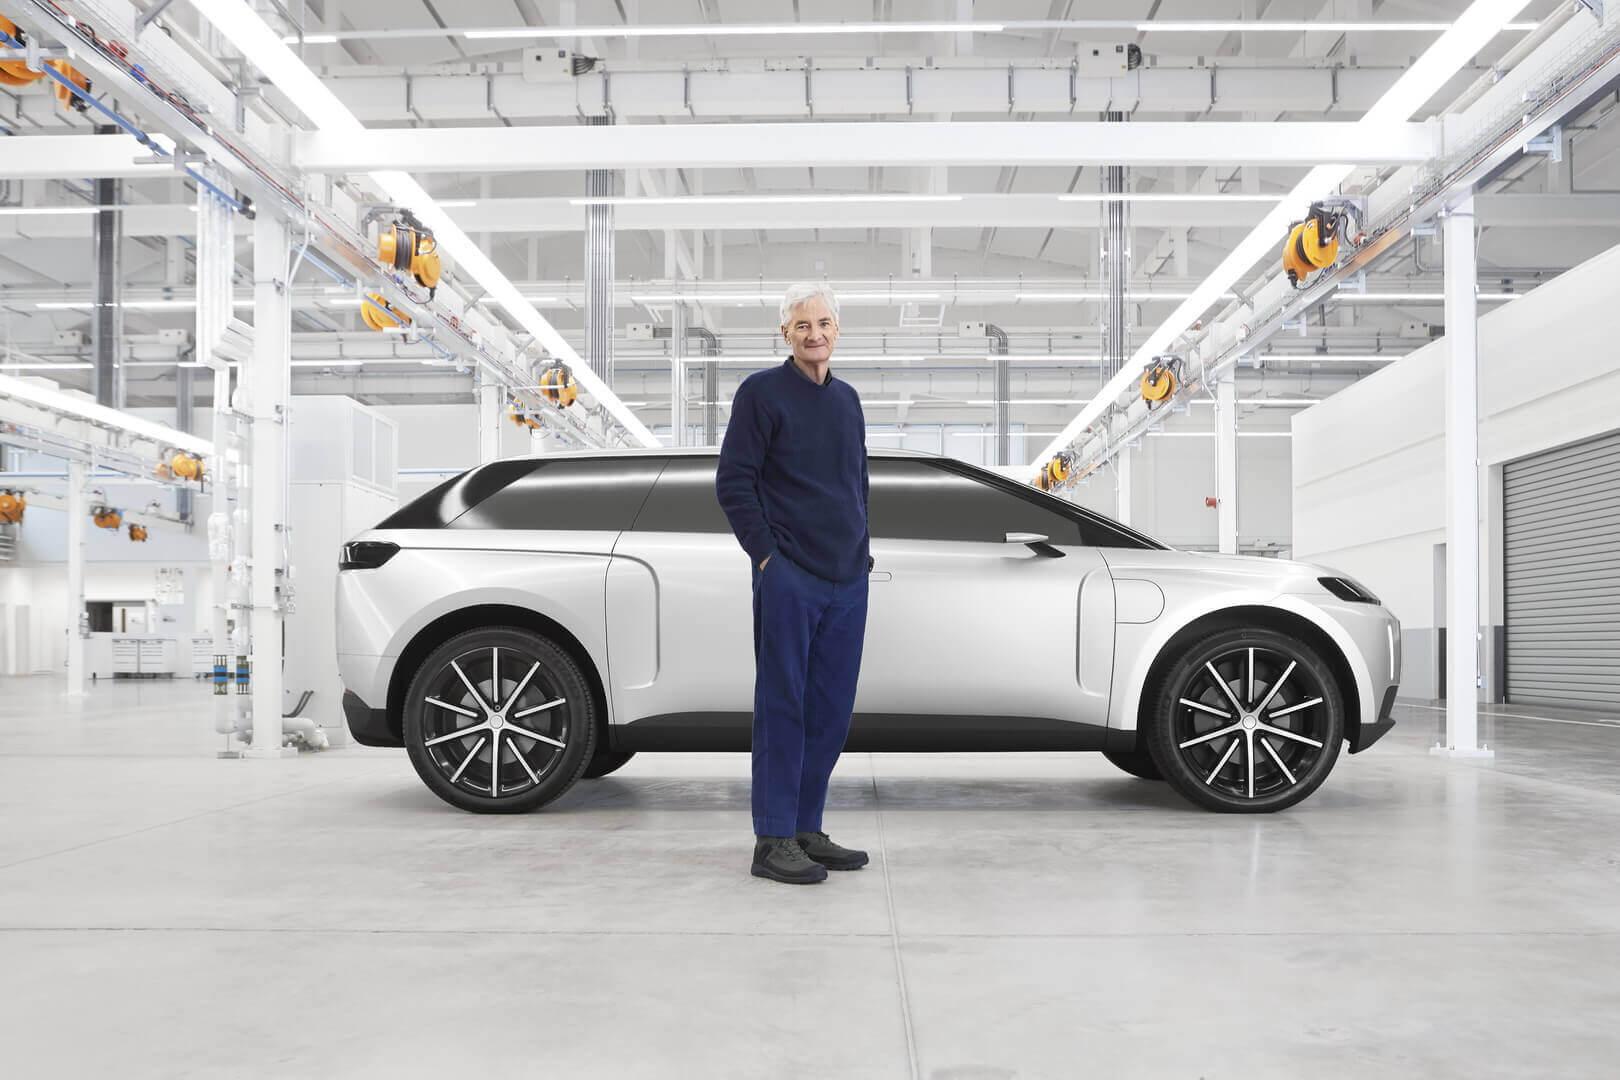 Миллиардер Джеймс Дайсон позирует перед прототипом электрического внедорожника своей компании